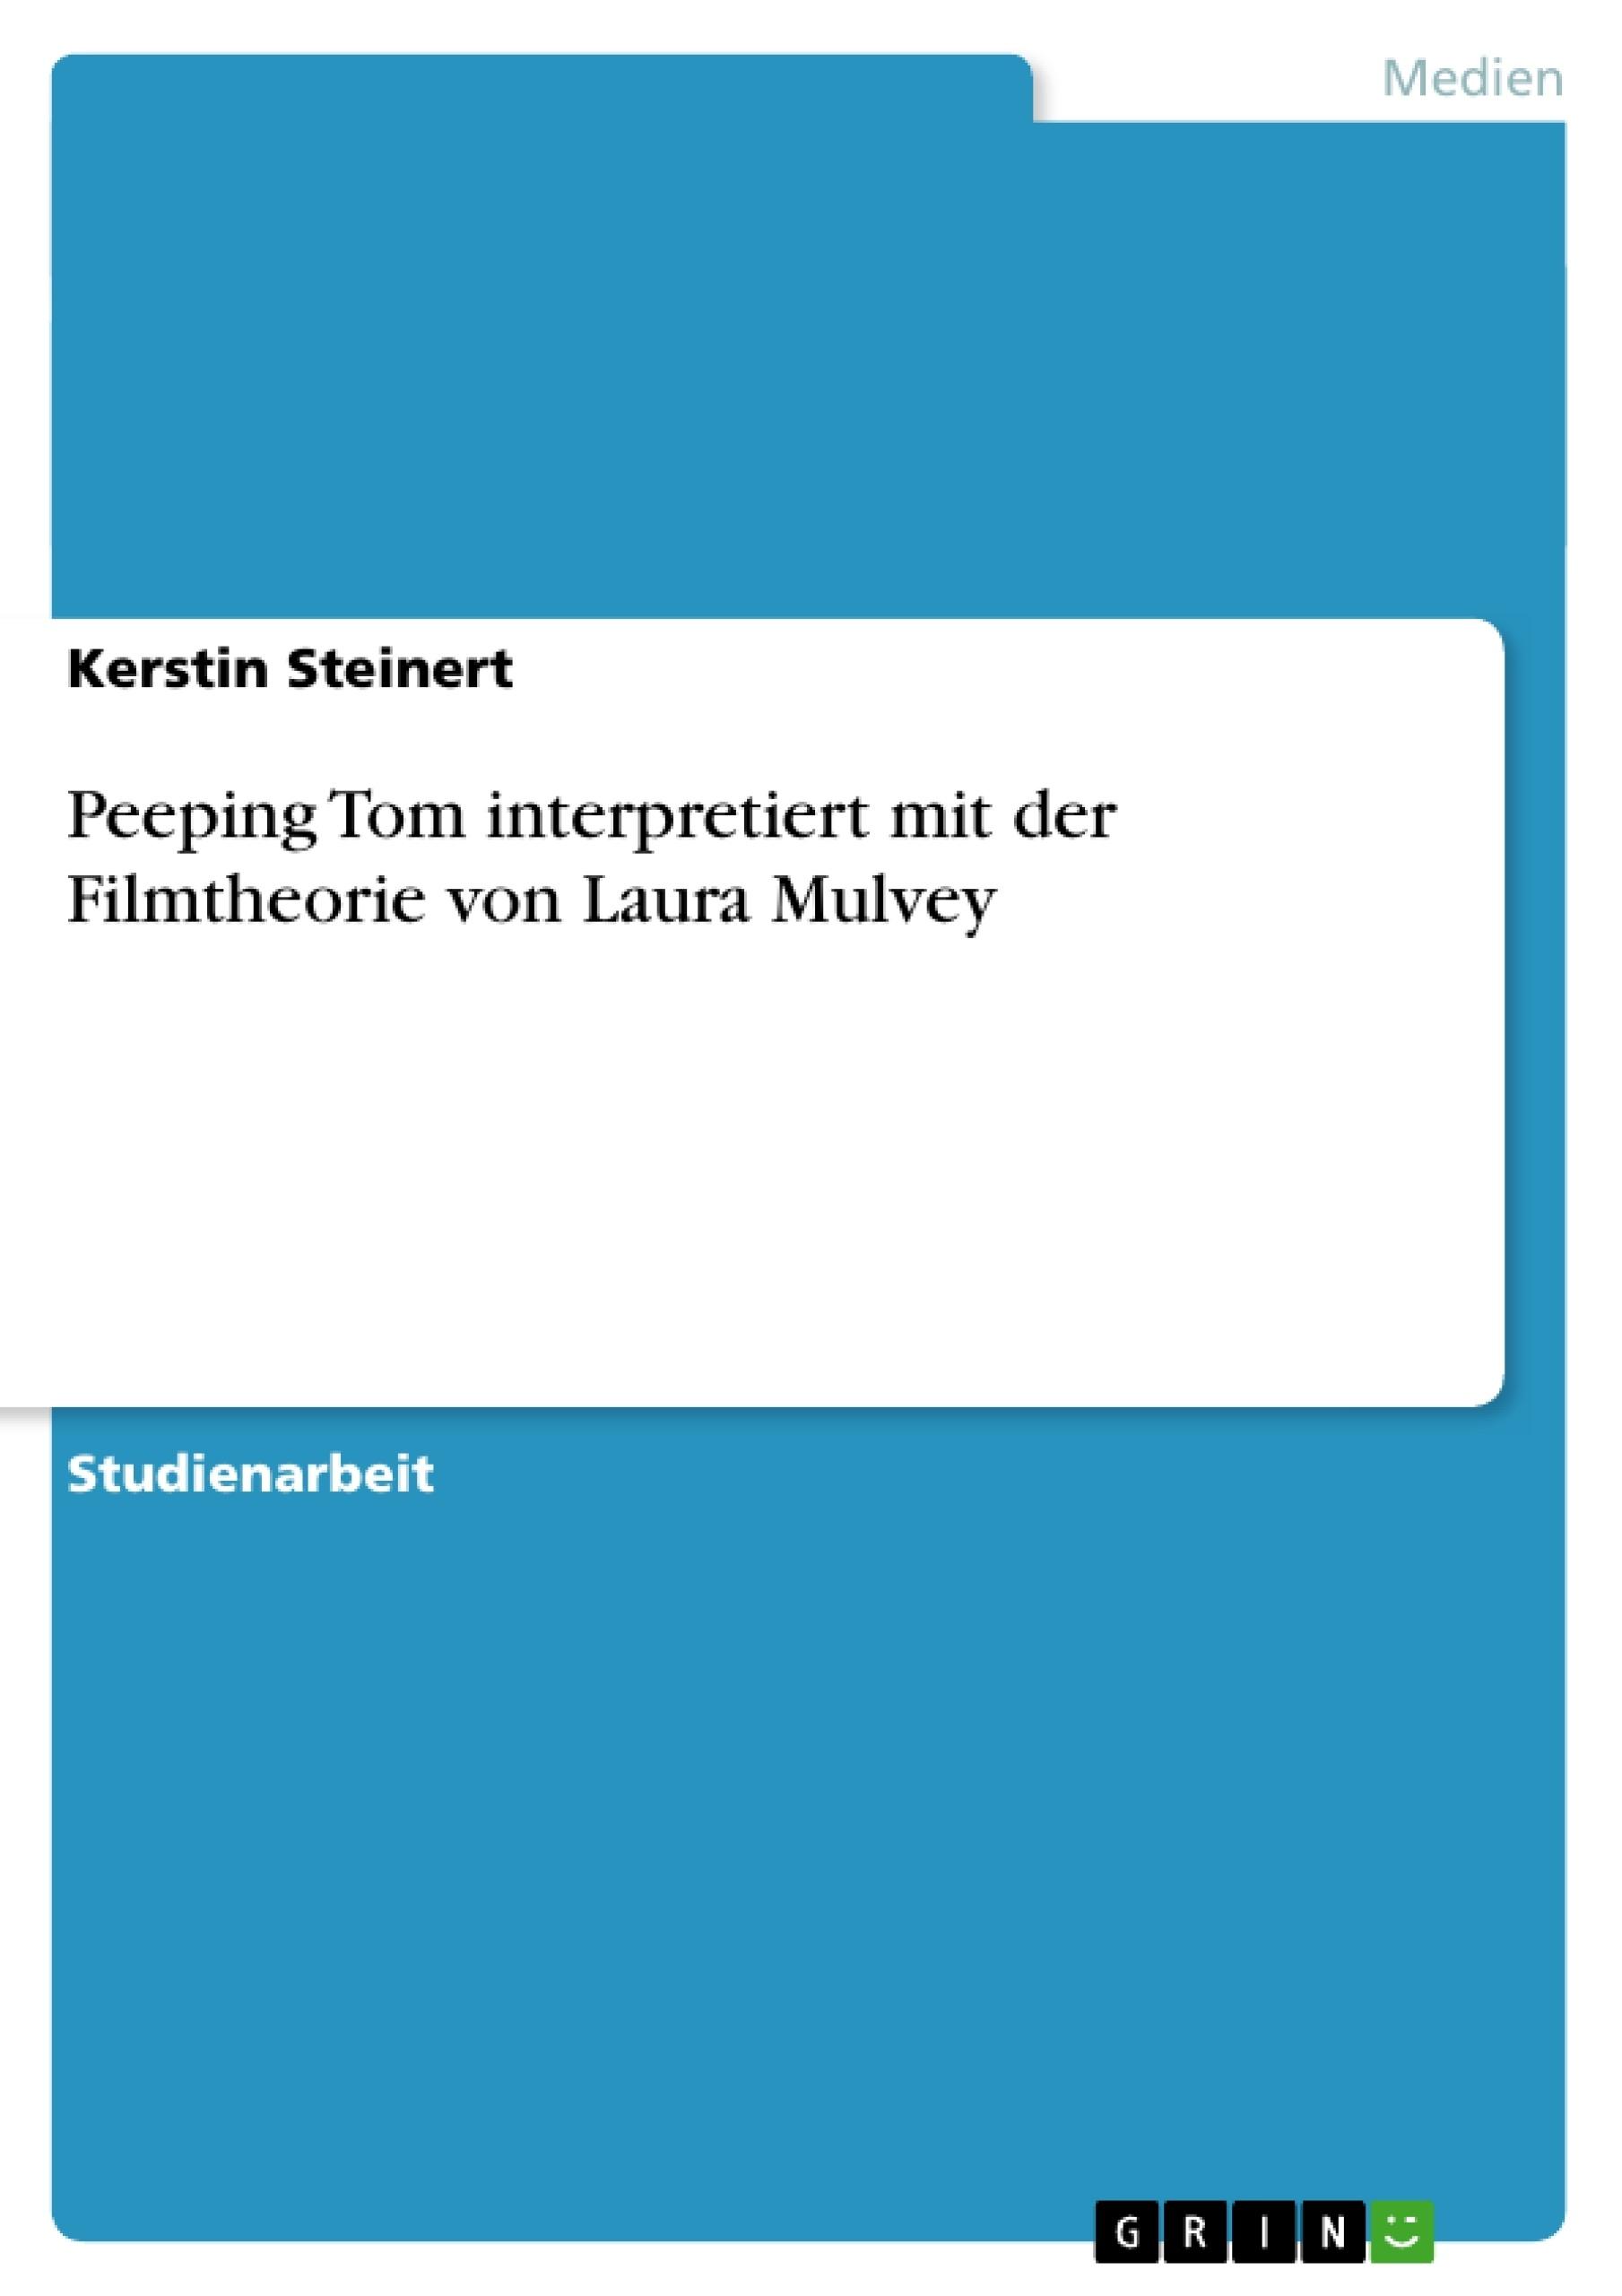 Titel: Peeping Tom interpretiert mit der Filmtheorie von Laura Mulvey